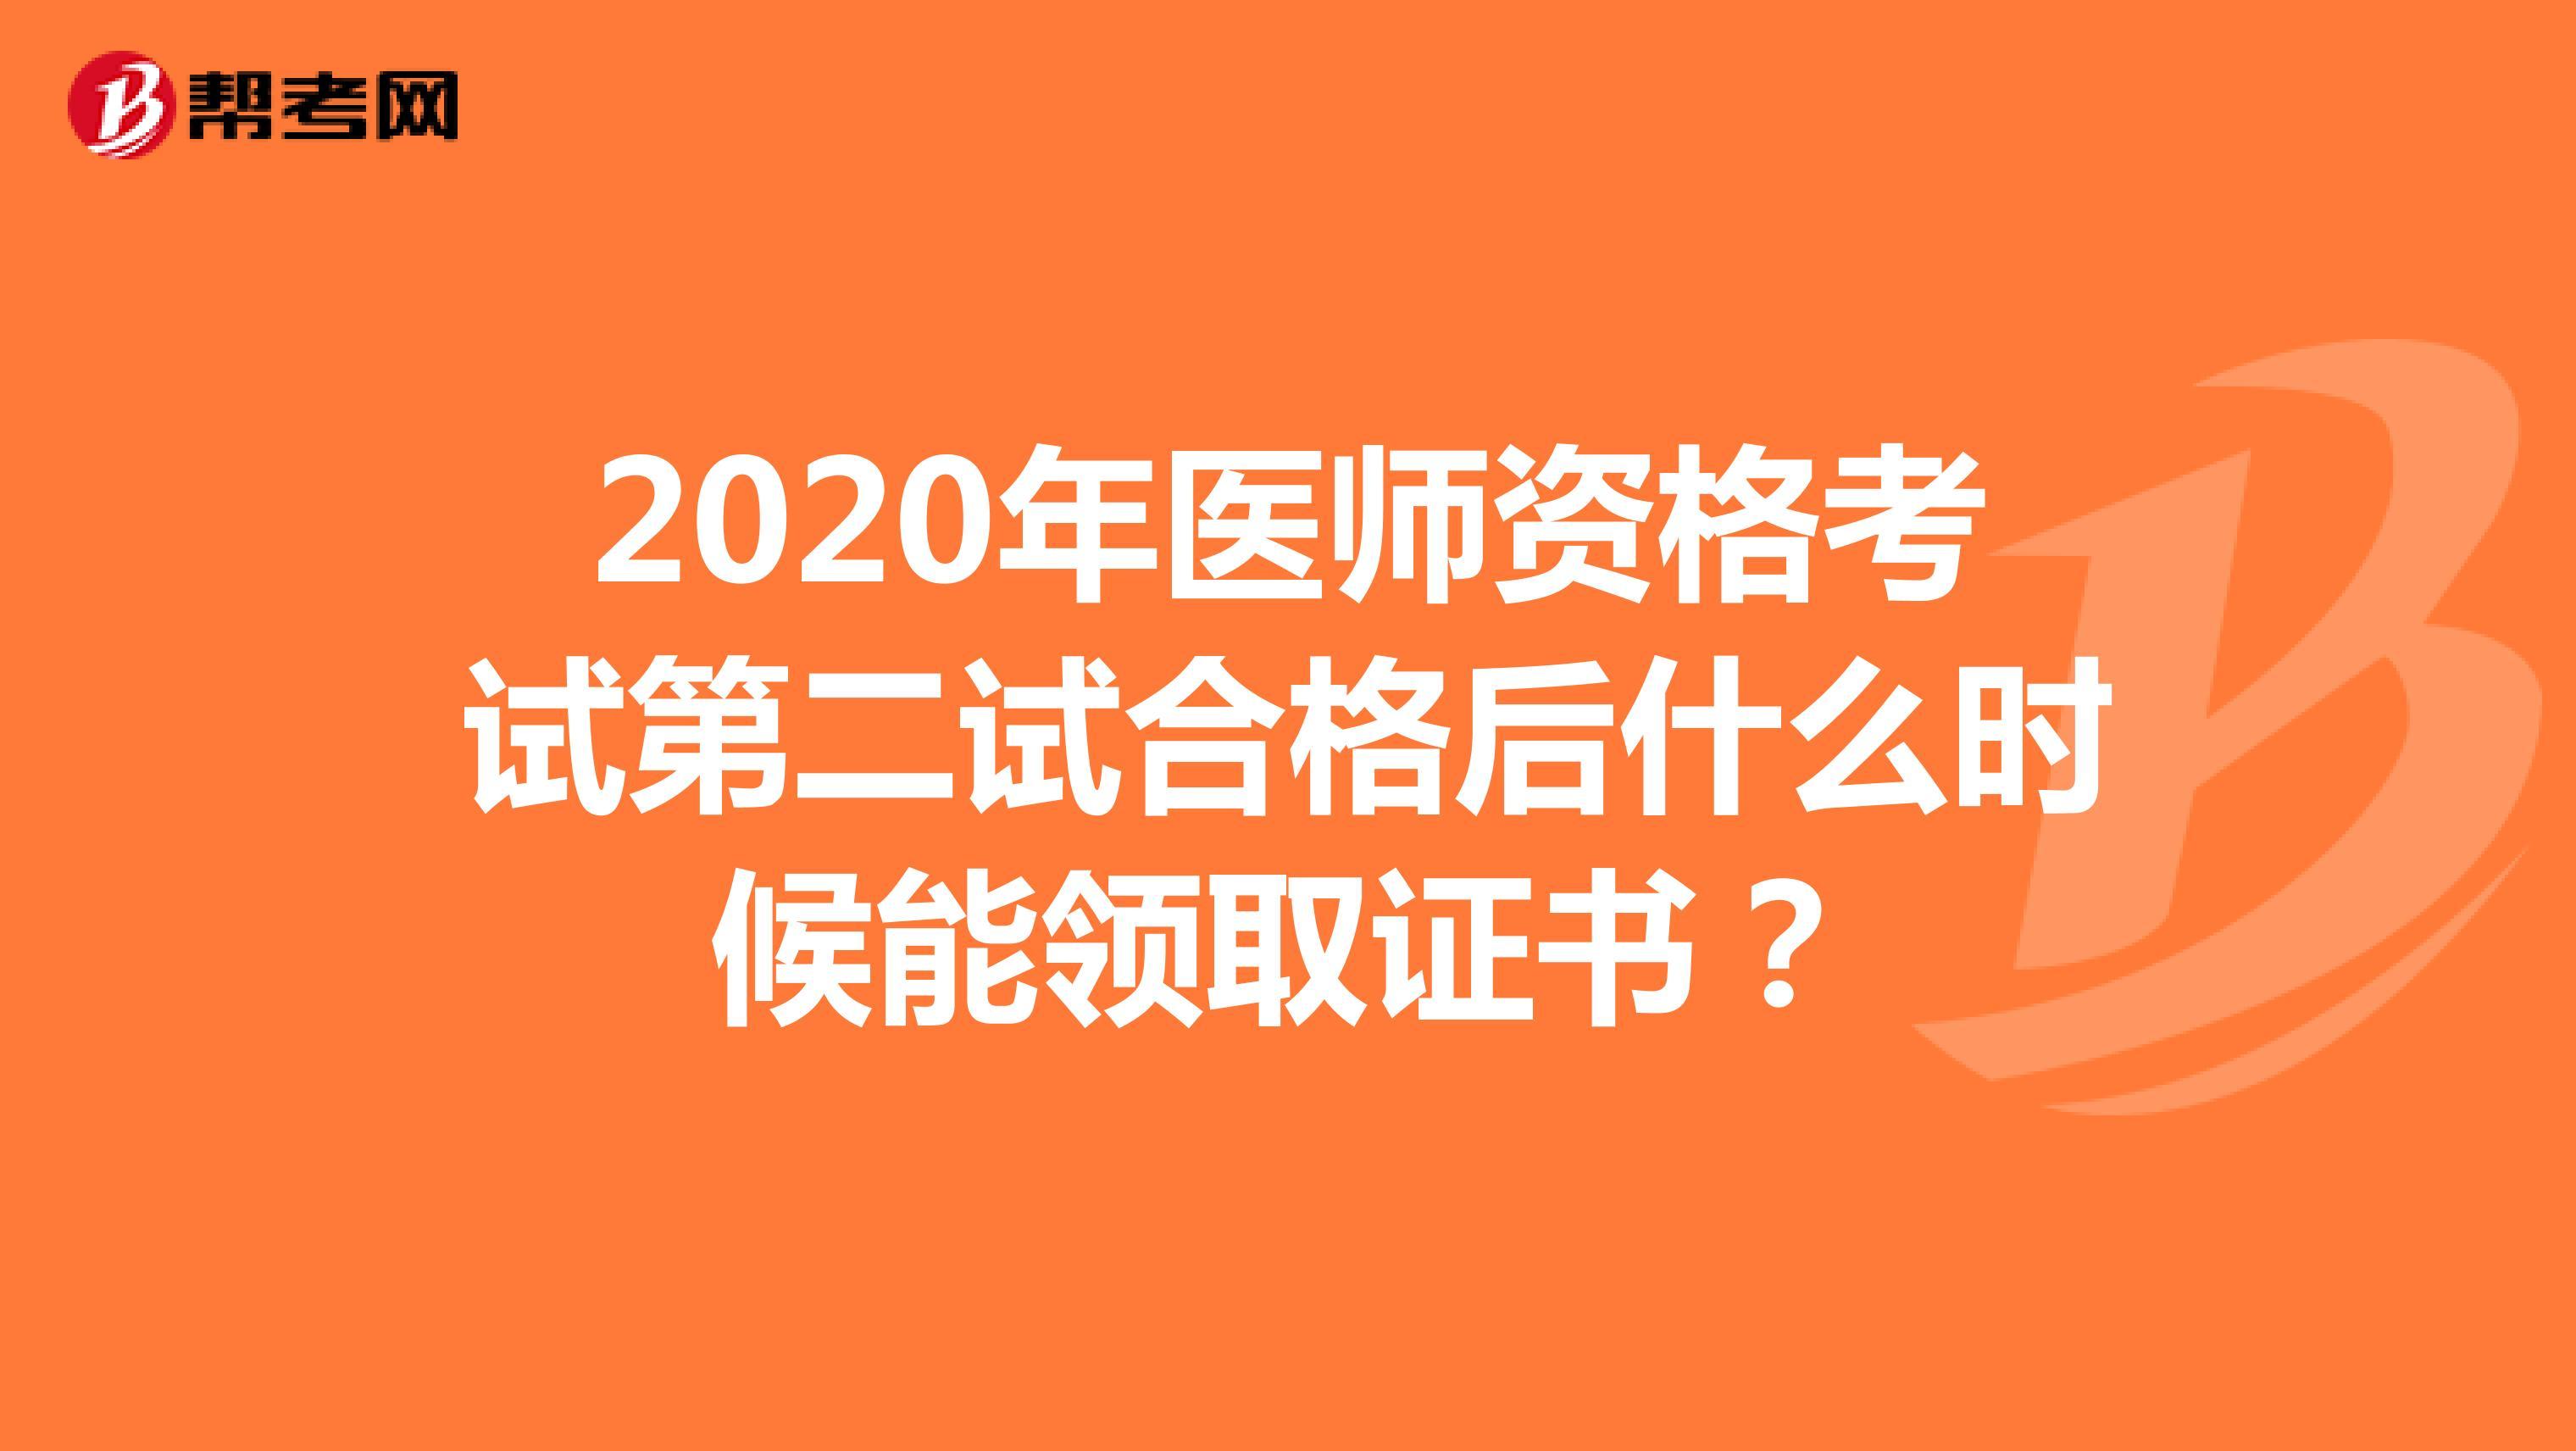 2020年醫師資格考試第二試合格后什么時候能領取證書?